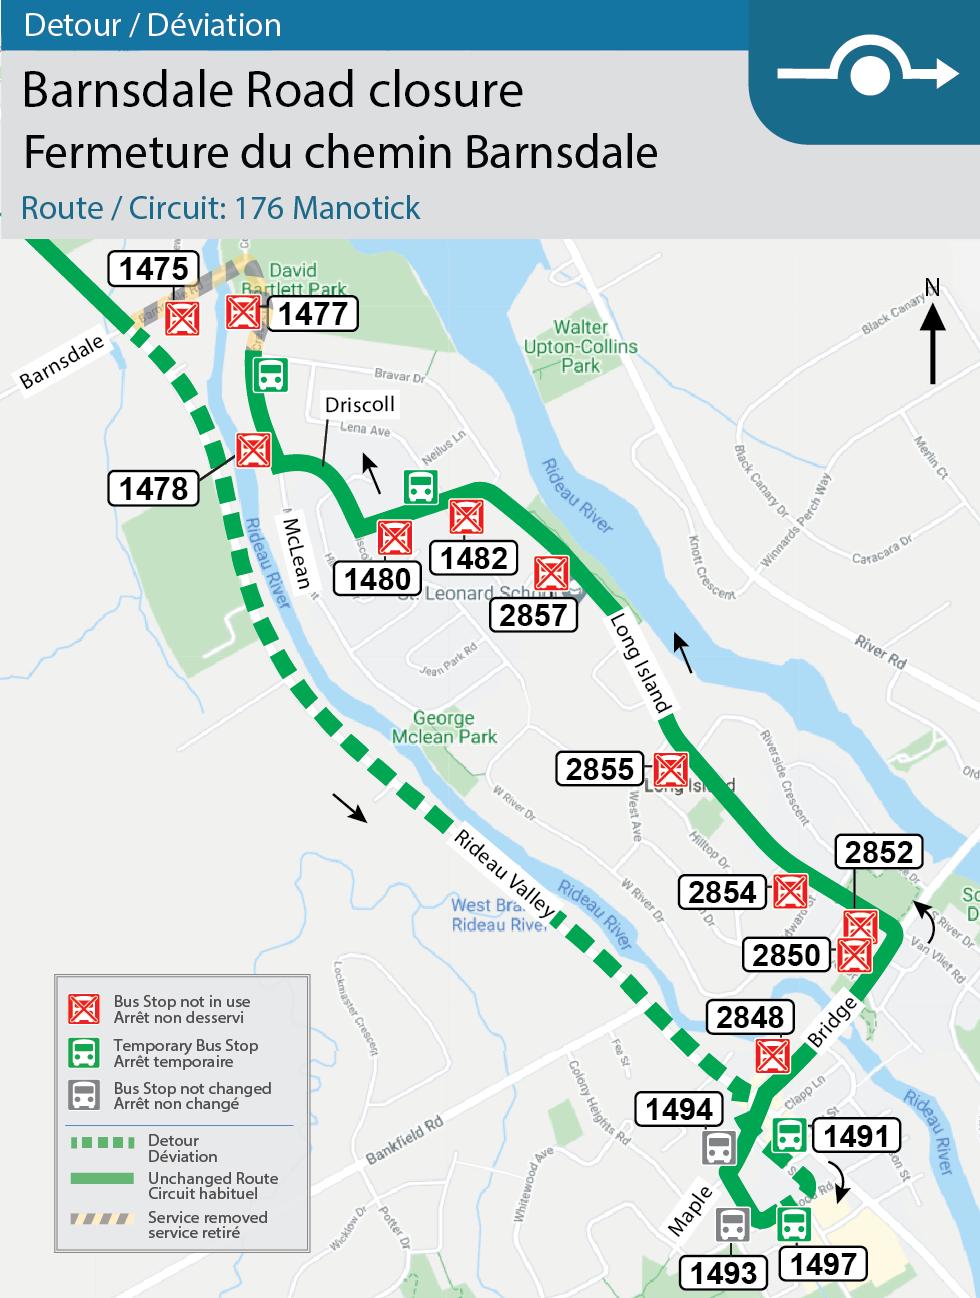 Carte du circuit 176 Manotick, détour en raison de la fermeture du chemin Barnsdale, entre le chemin Lockview et la promenade Rideau Valley.